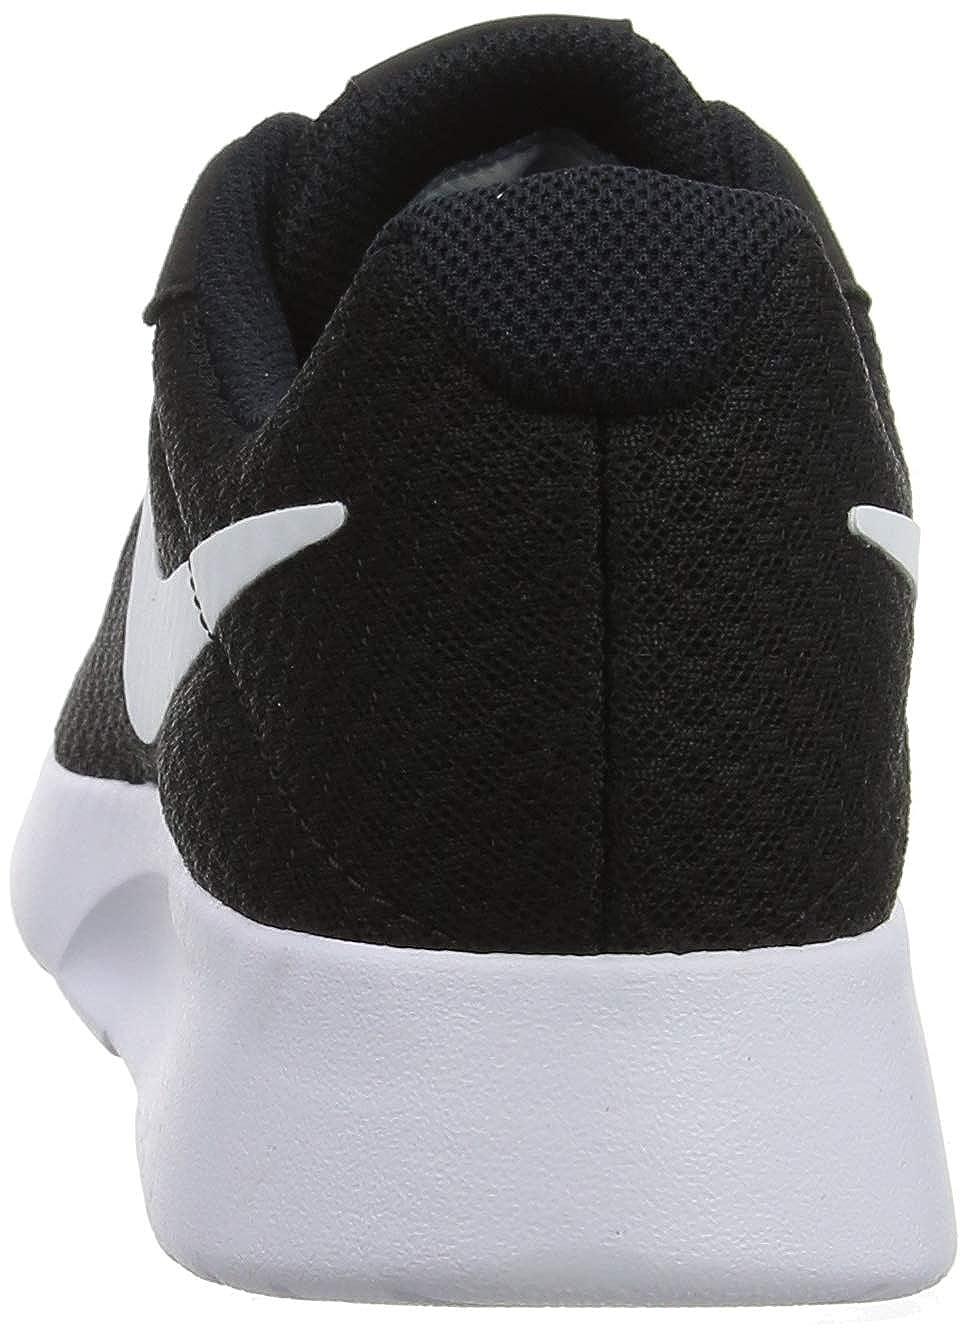 Mr. / Ms. Ms. Ms. Nike Tanjun, Scarpe Sportive Donna Servizio durevole Ha una lunga reputazione Prodotto generale | Eccellente valore  | Scolaro/Signora Scarpa  | Maschio/Ragazze Scarpa  53ebb8